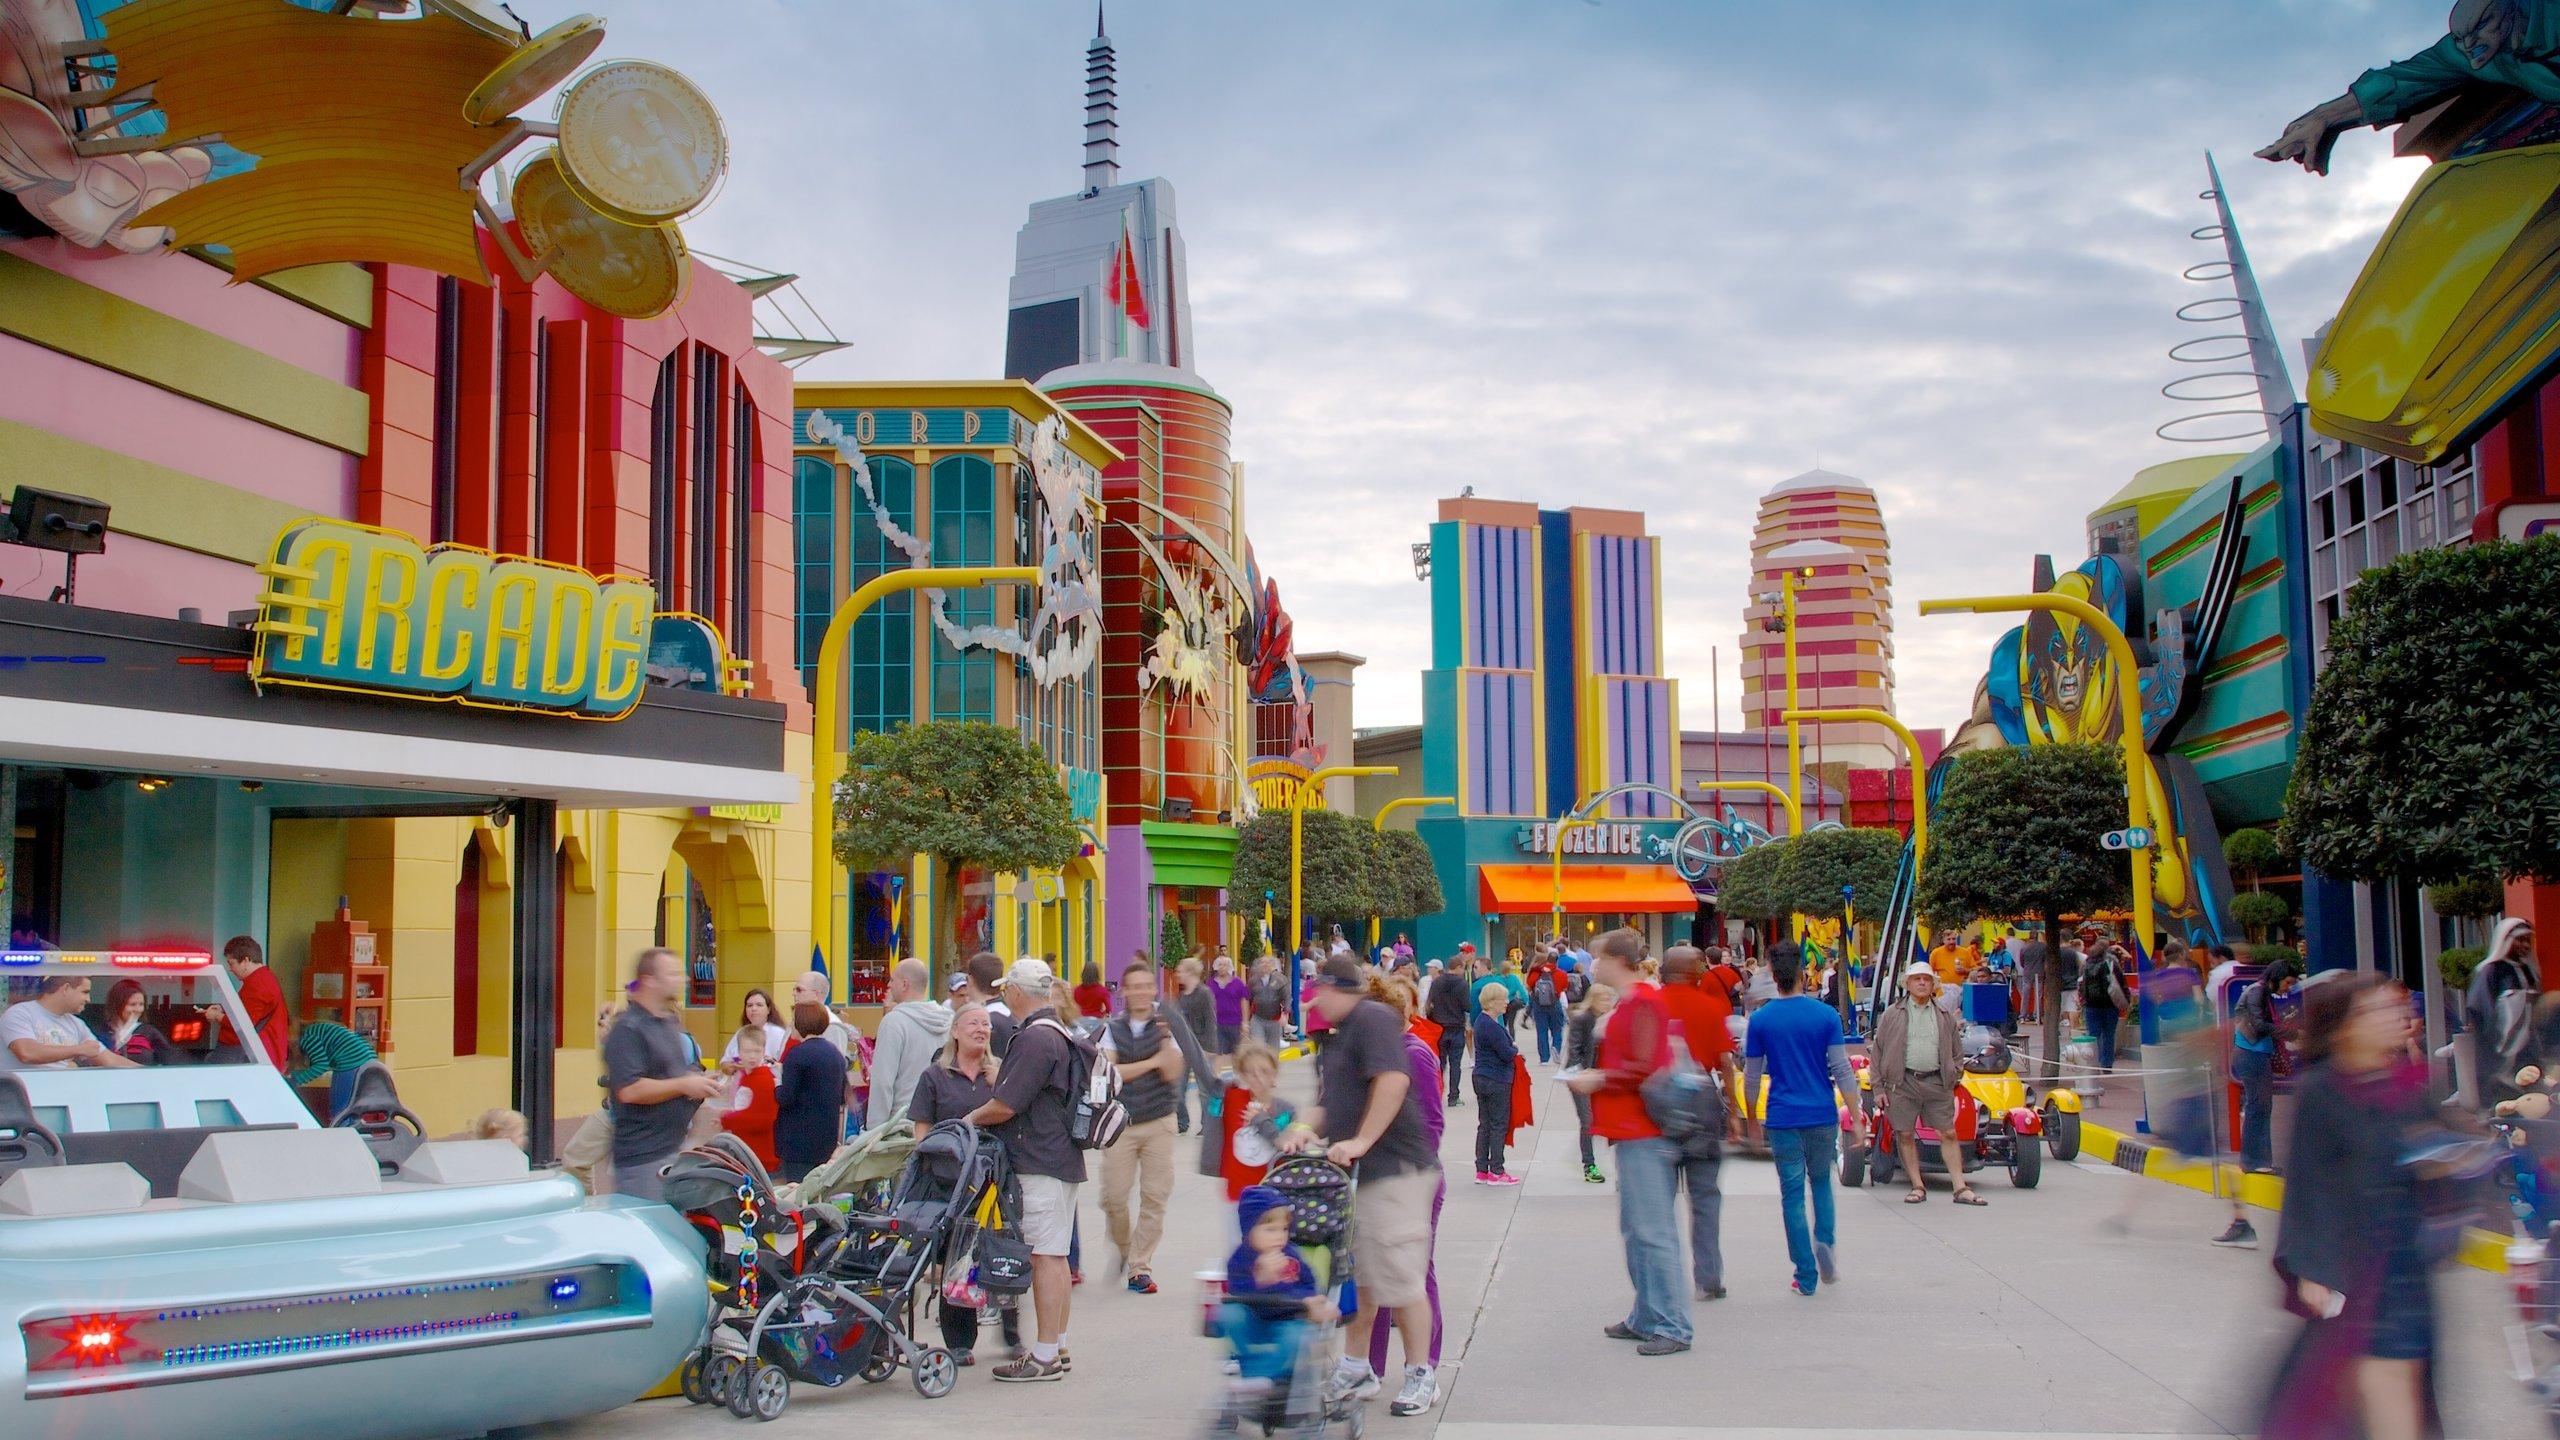 Bawa keluarga ke Universal Orlando Resort™ dan nikmati hari yang menyenangkan di taman hiburan di Orlando. Kunjungi toko dan restoran pemenang penghargaan di area cocok untuk keluarga ini.